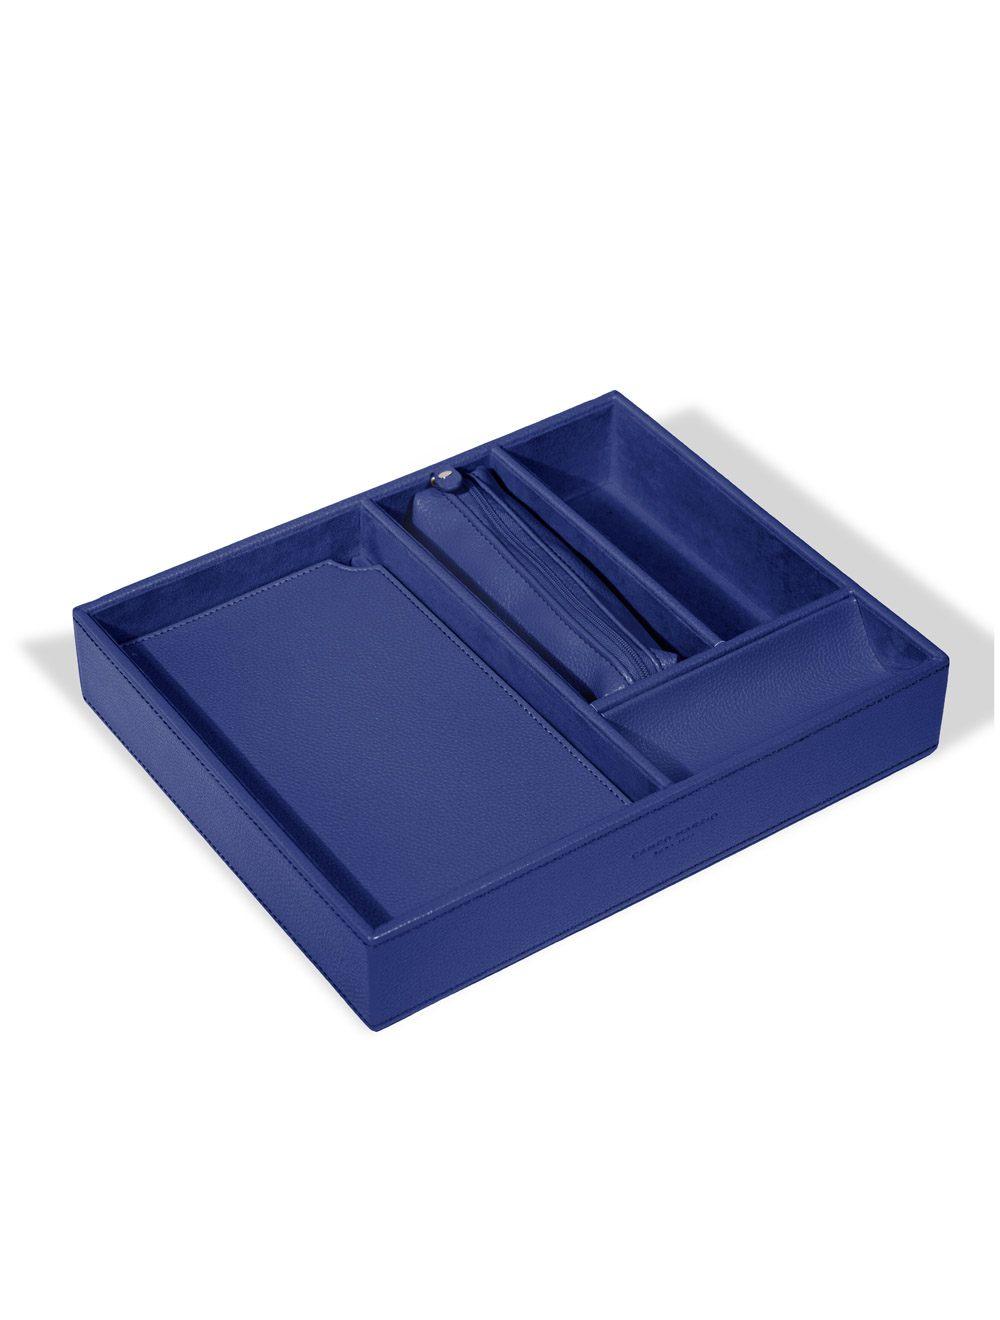 Desk Organiser Voltaire - Ocean Blue